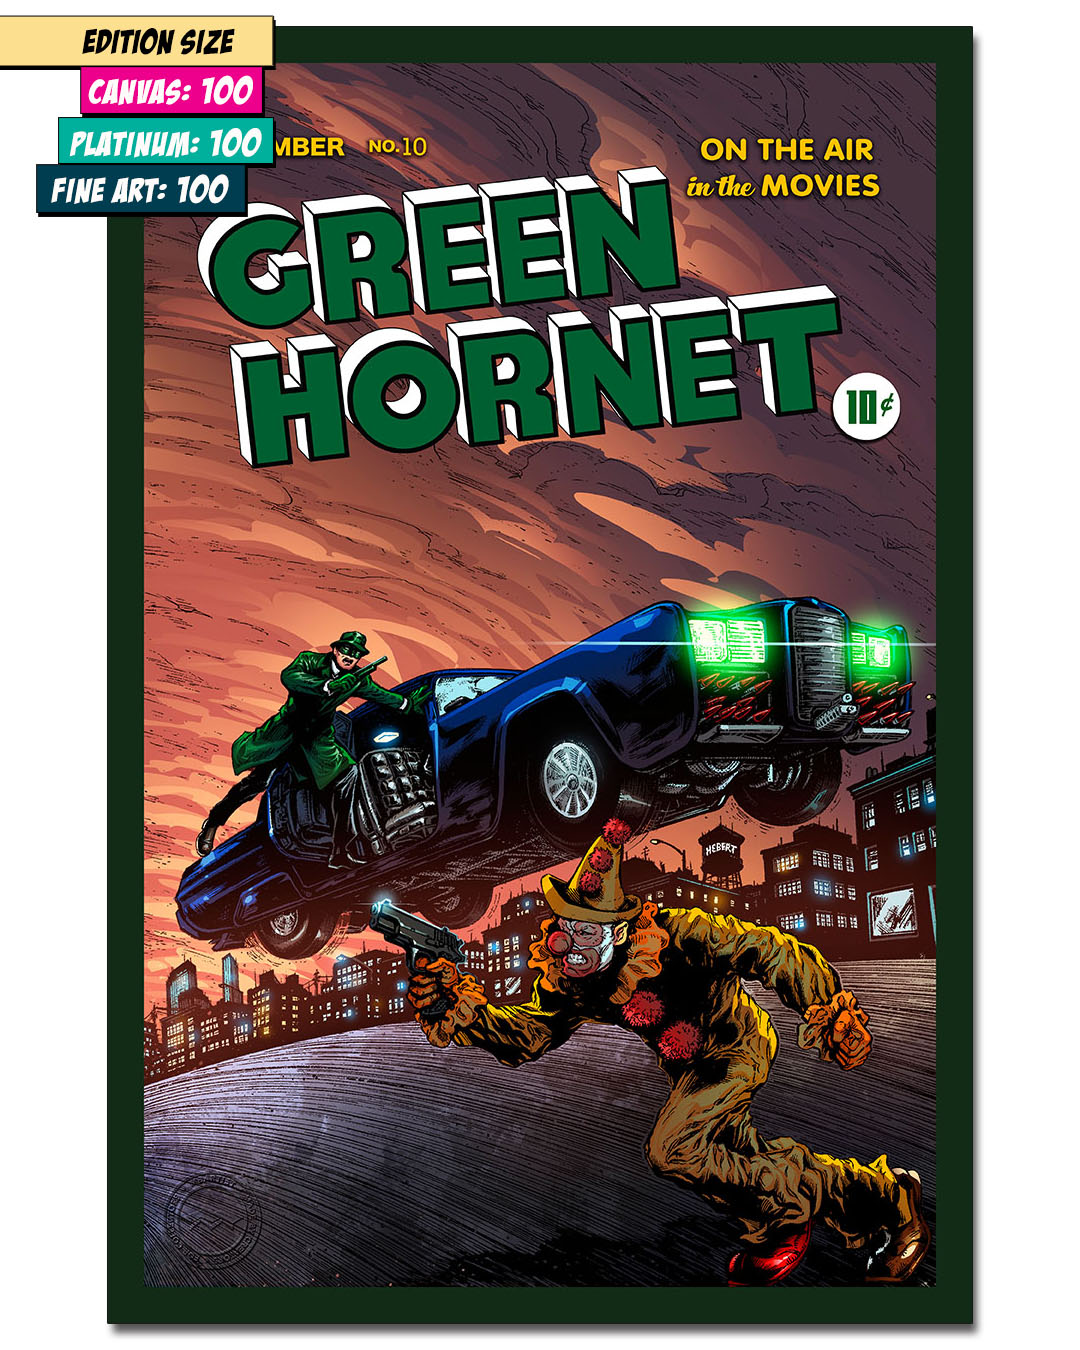 GREEN HORNET #10: ENTER THE BLACK BEAUTY